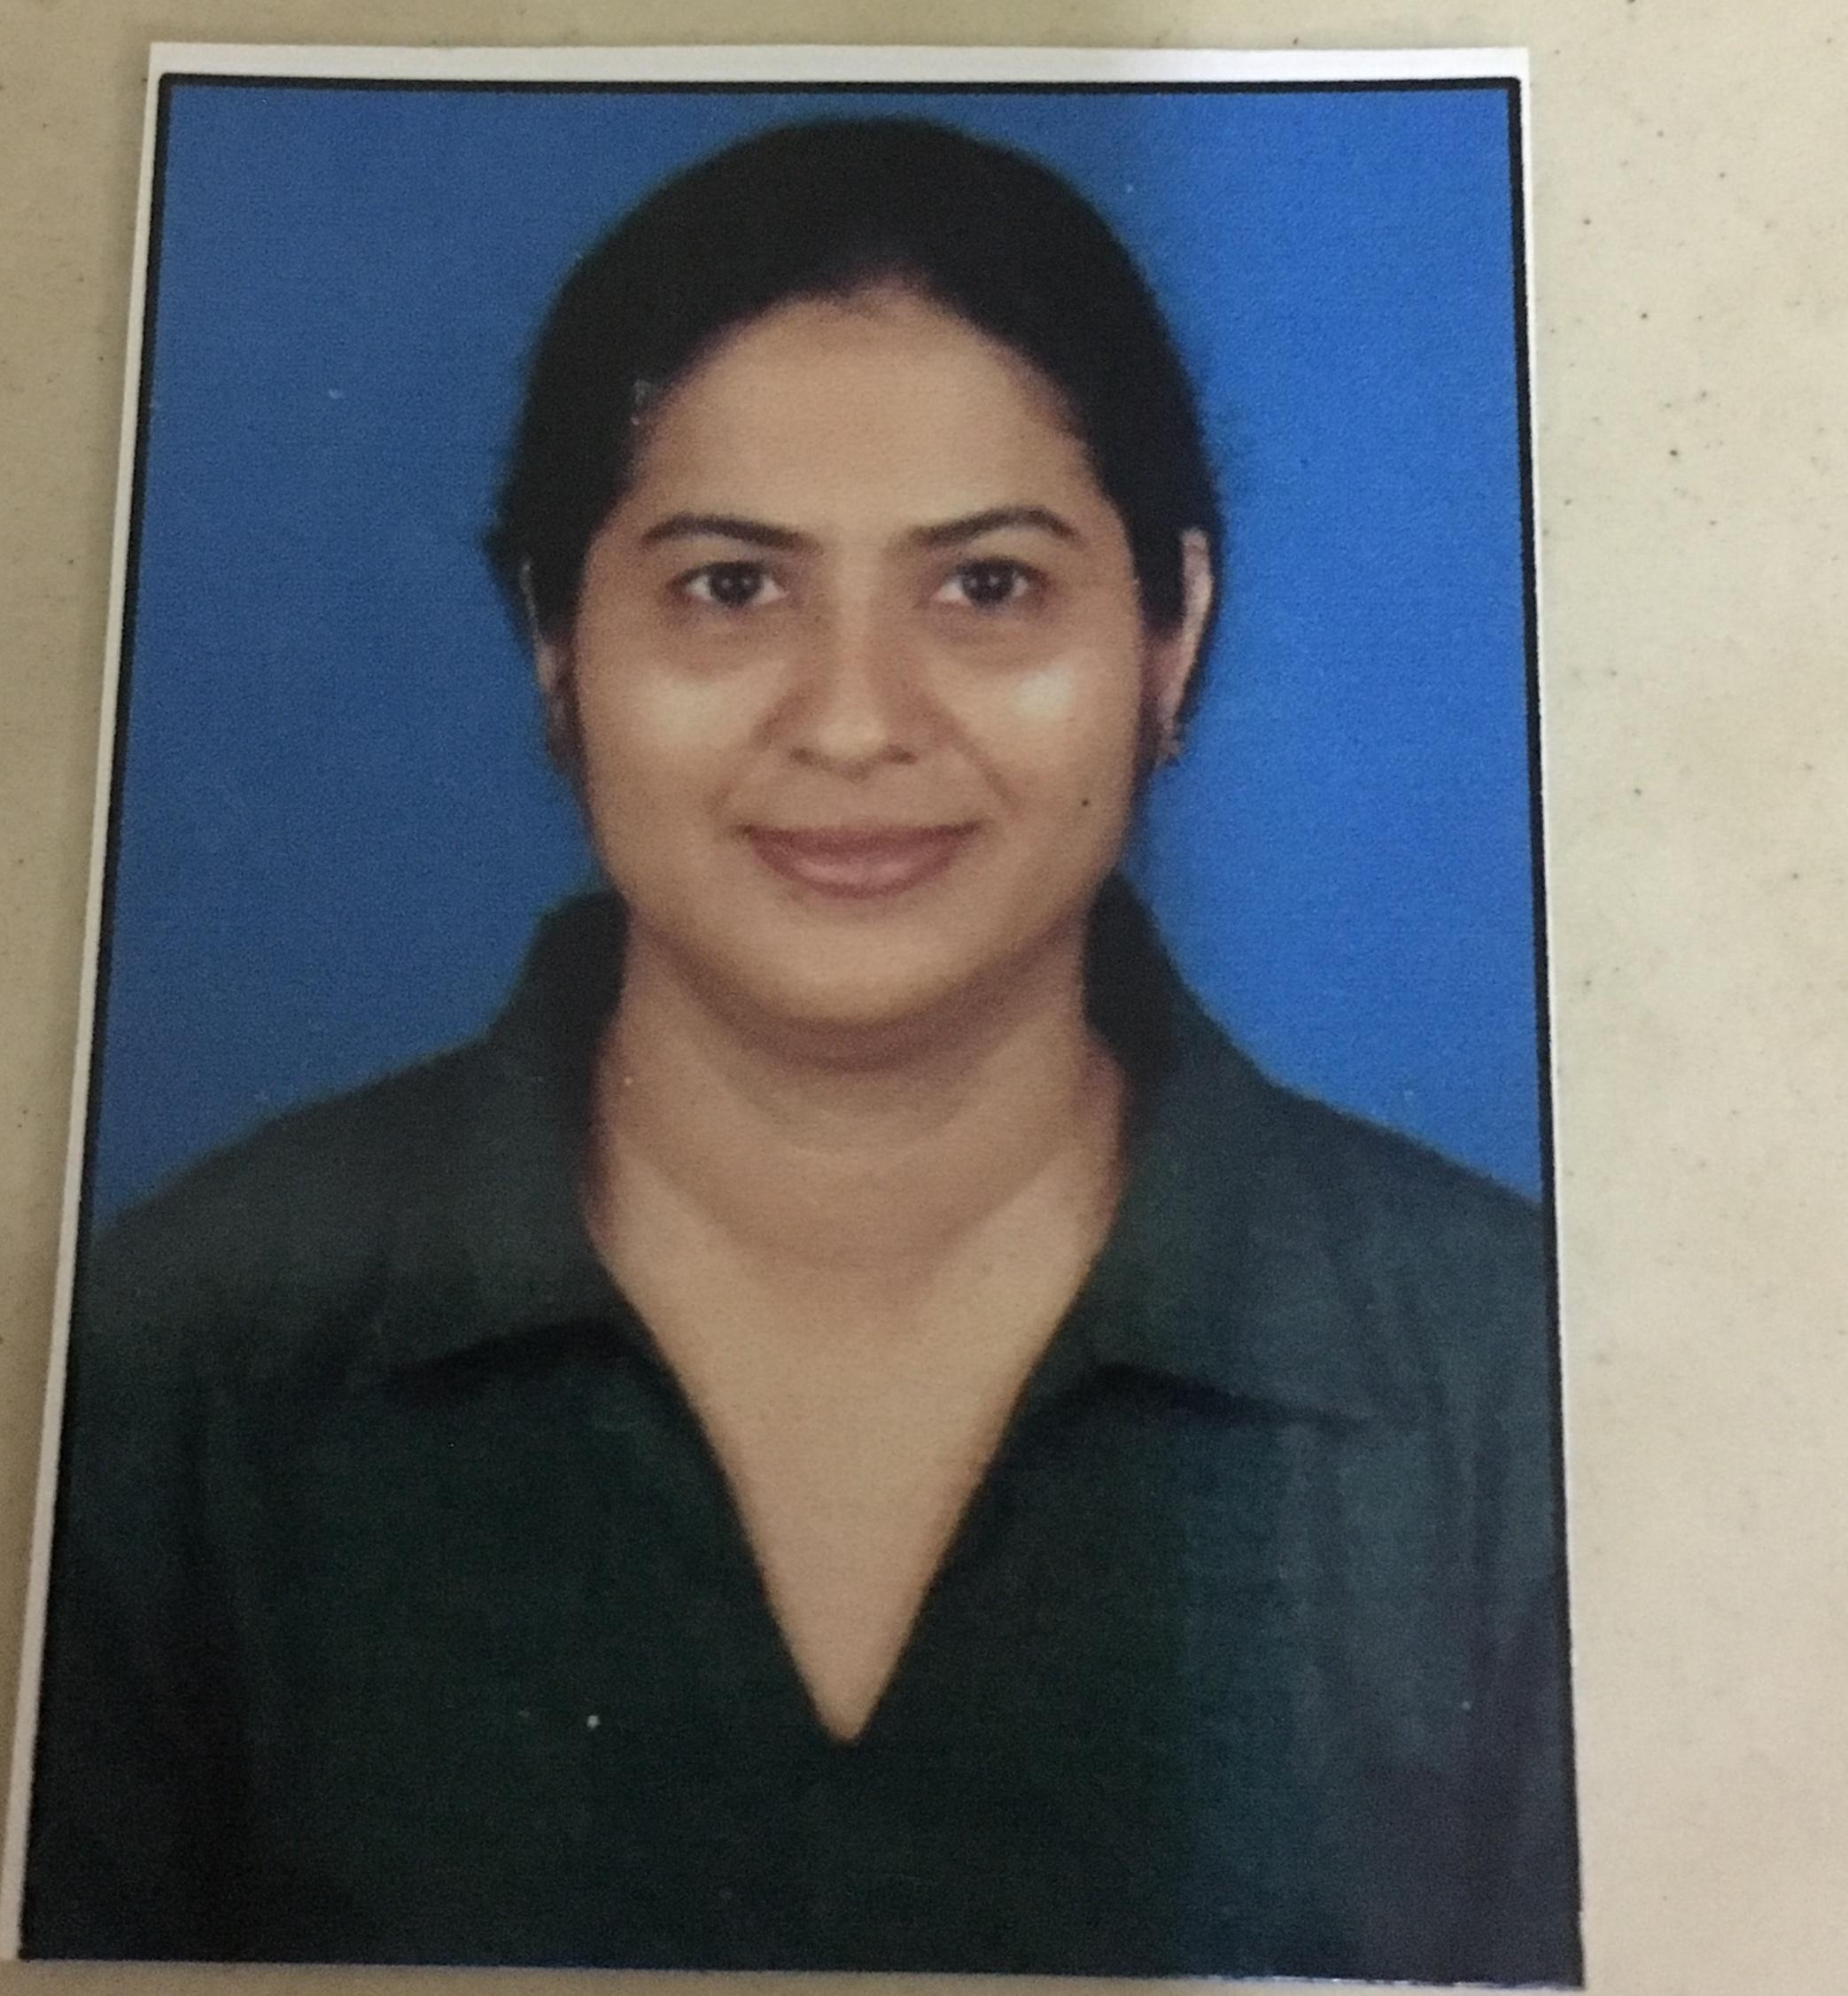 Ms. Anju Verma